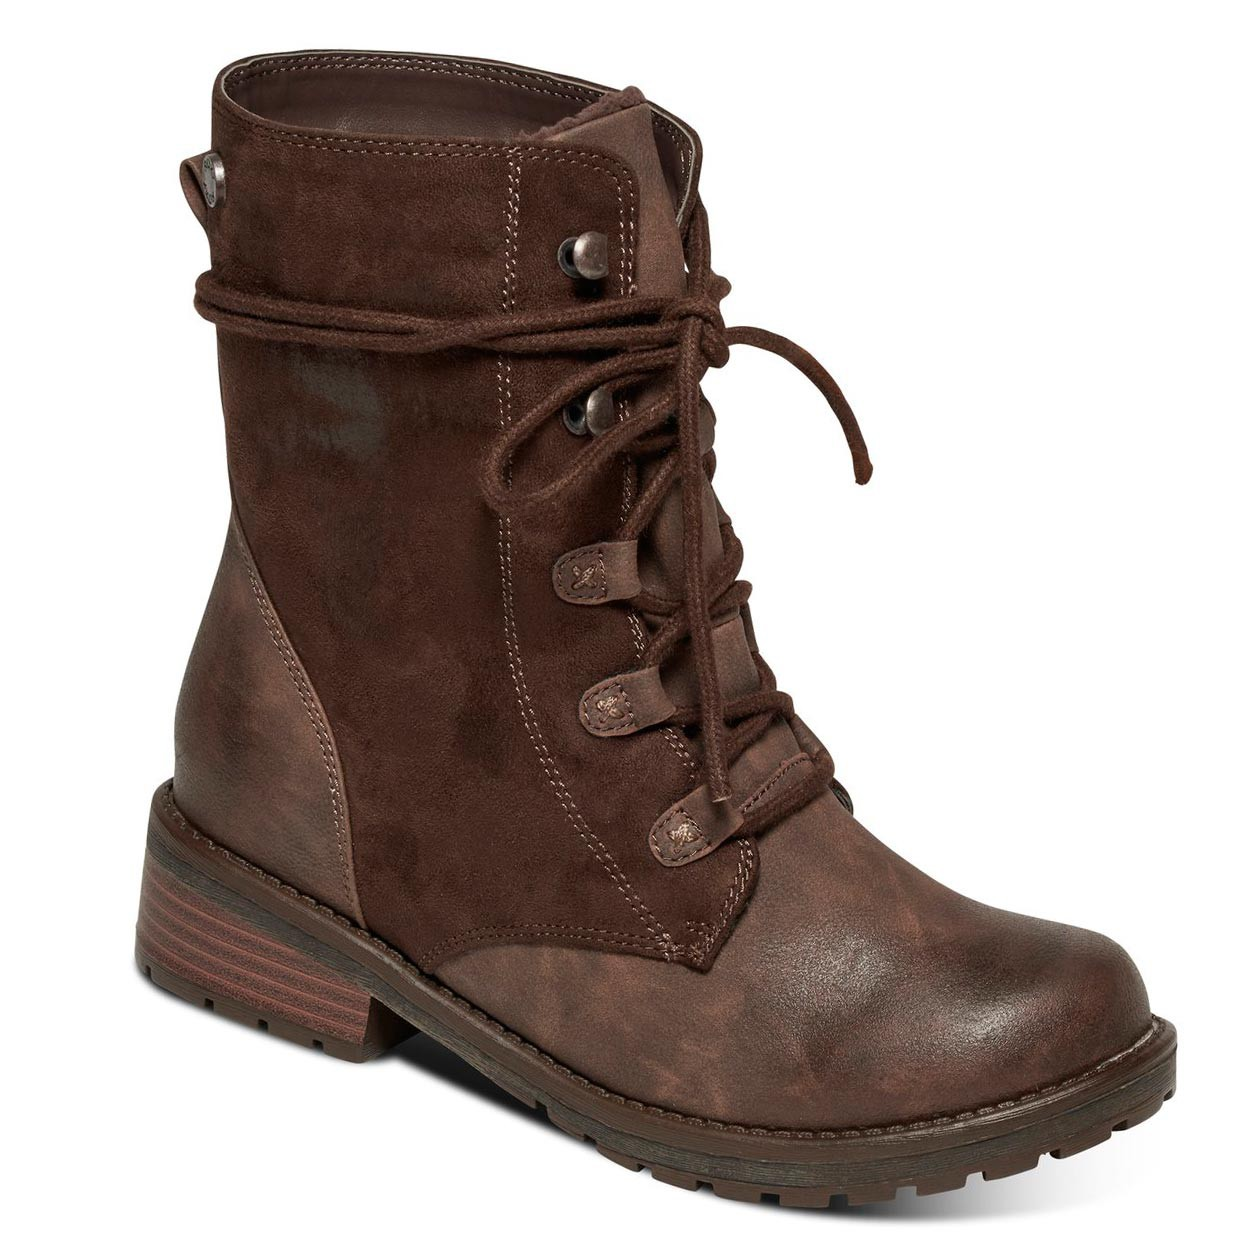 Zimní boty Roxy Dolores chocolate